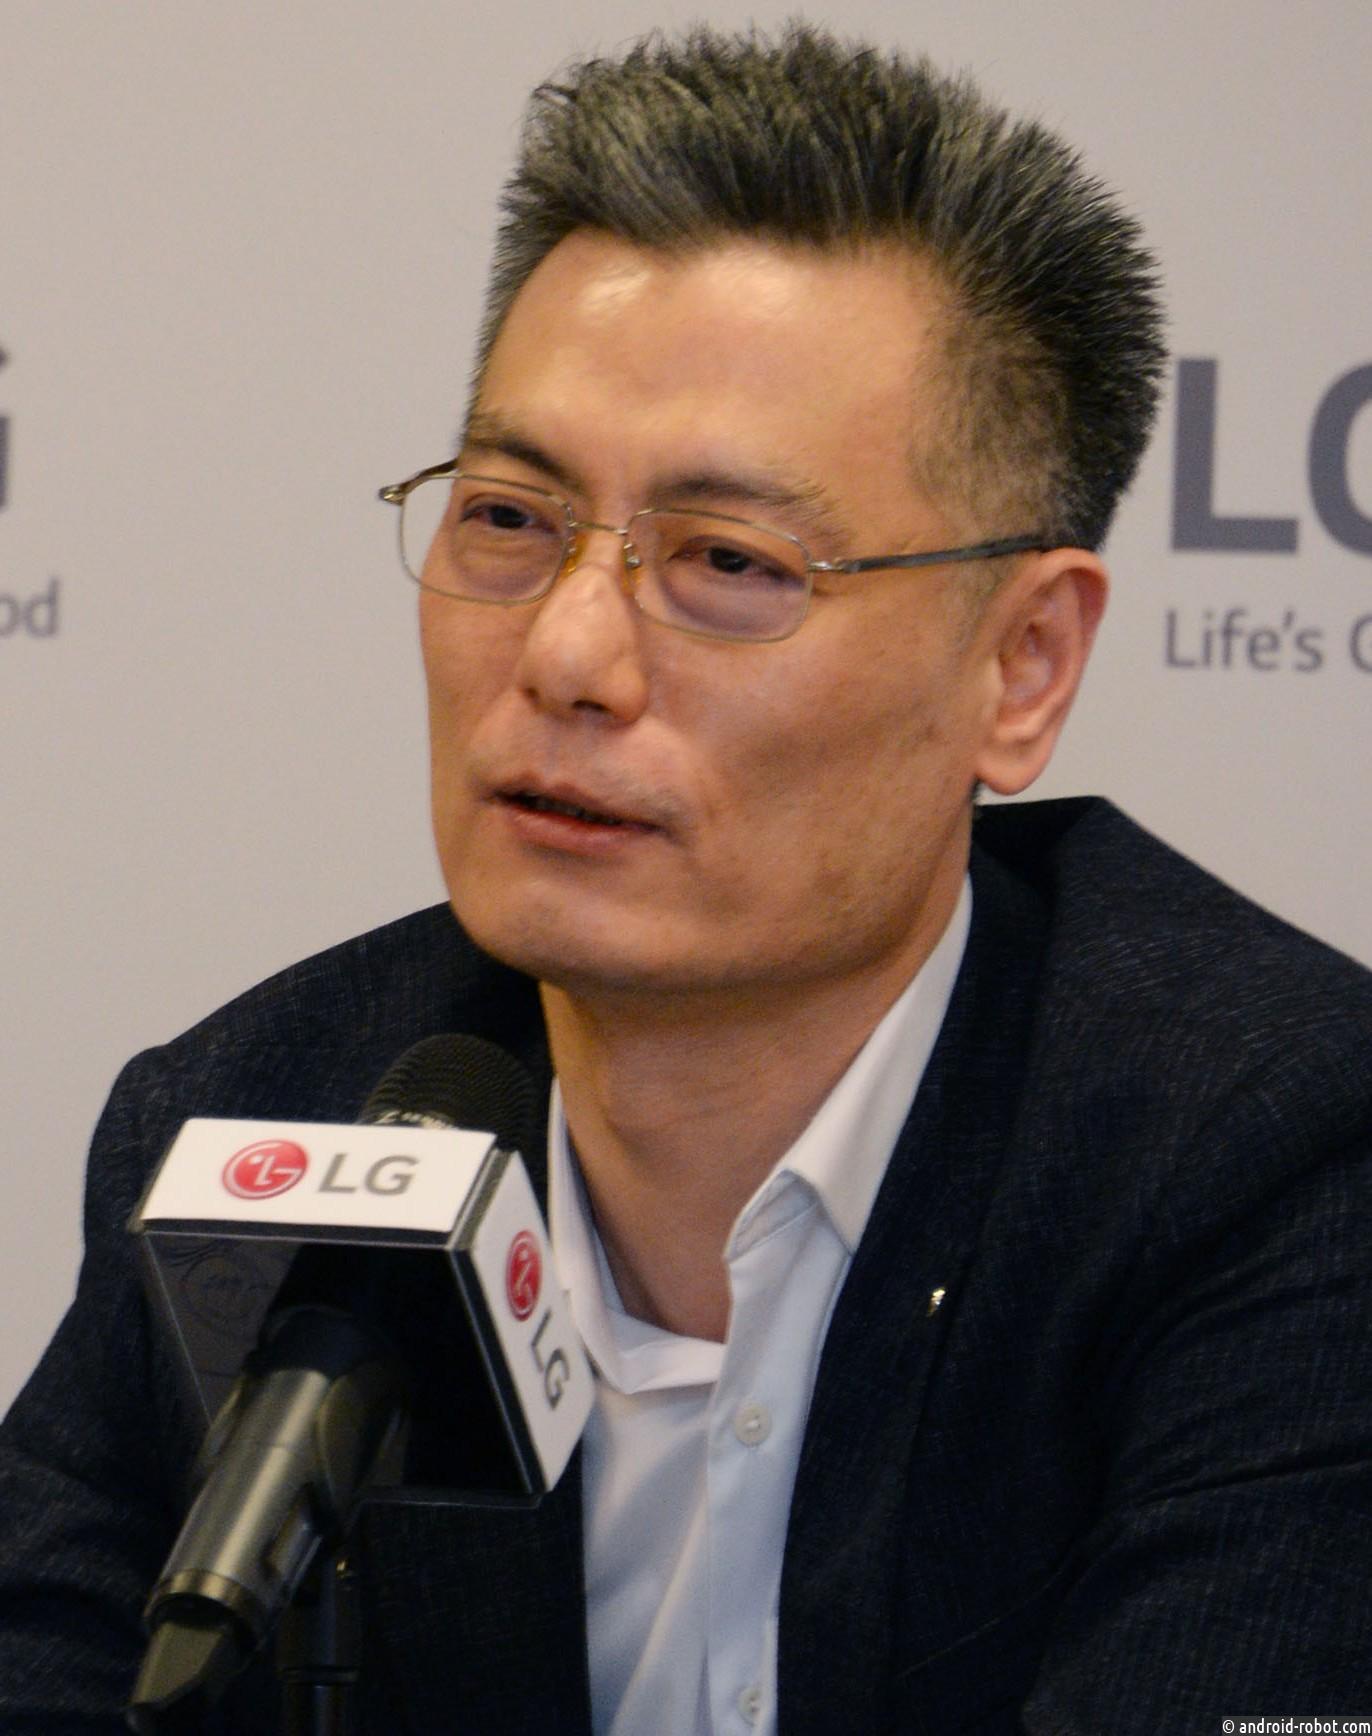 Увеличение степени доверия покупателей и совершенствование ключевых технологий LG